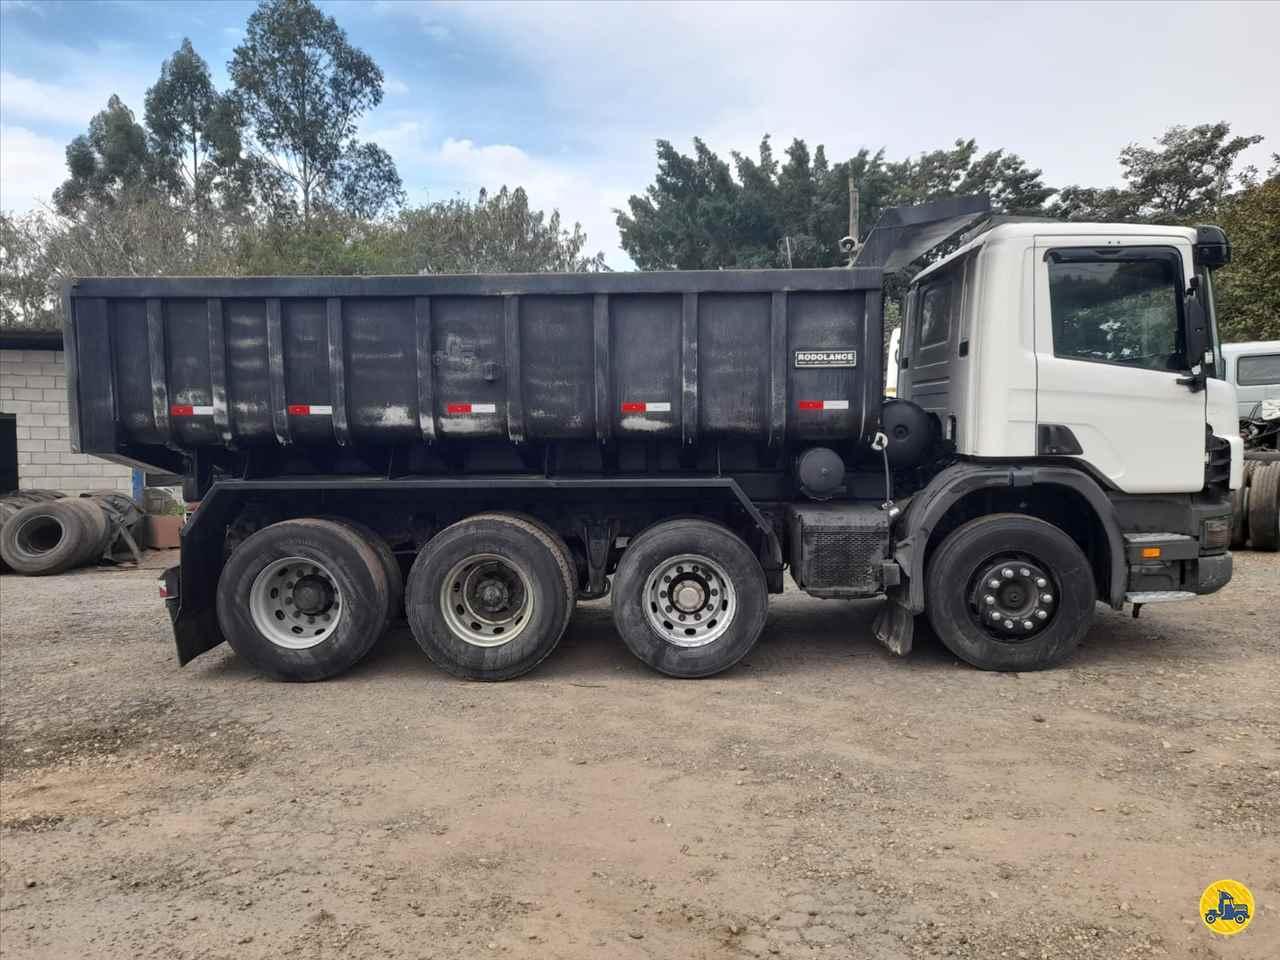 CAMINHAO SCANIA SCANIA P360 Caçamba Basculante BiTruck 8x2 Leque Caminhões  PIRACICABA SÃO PAULO SP